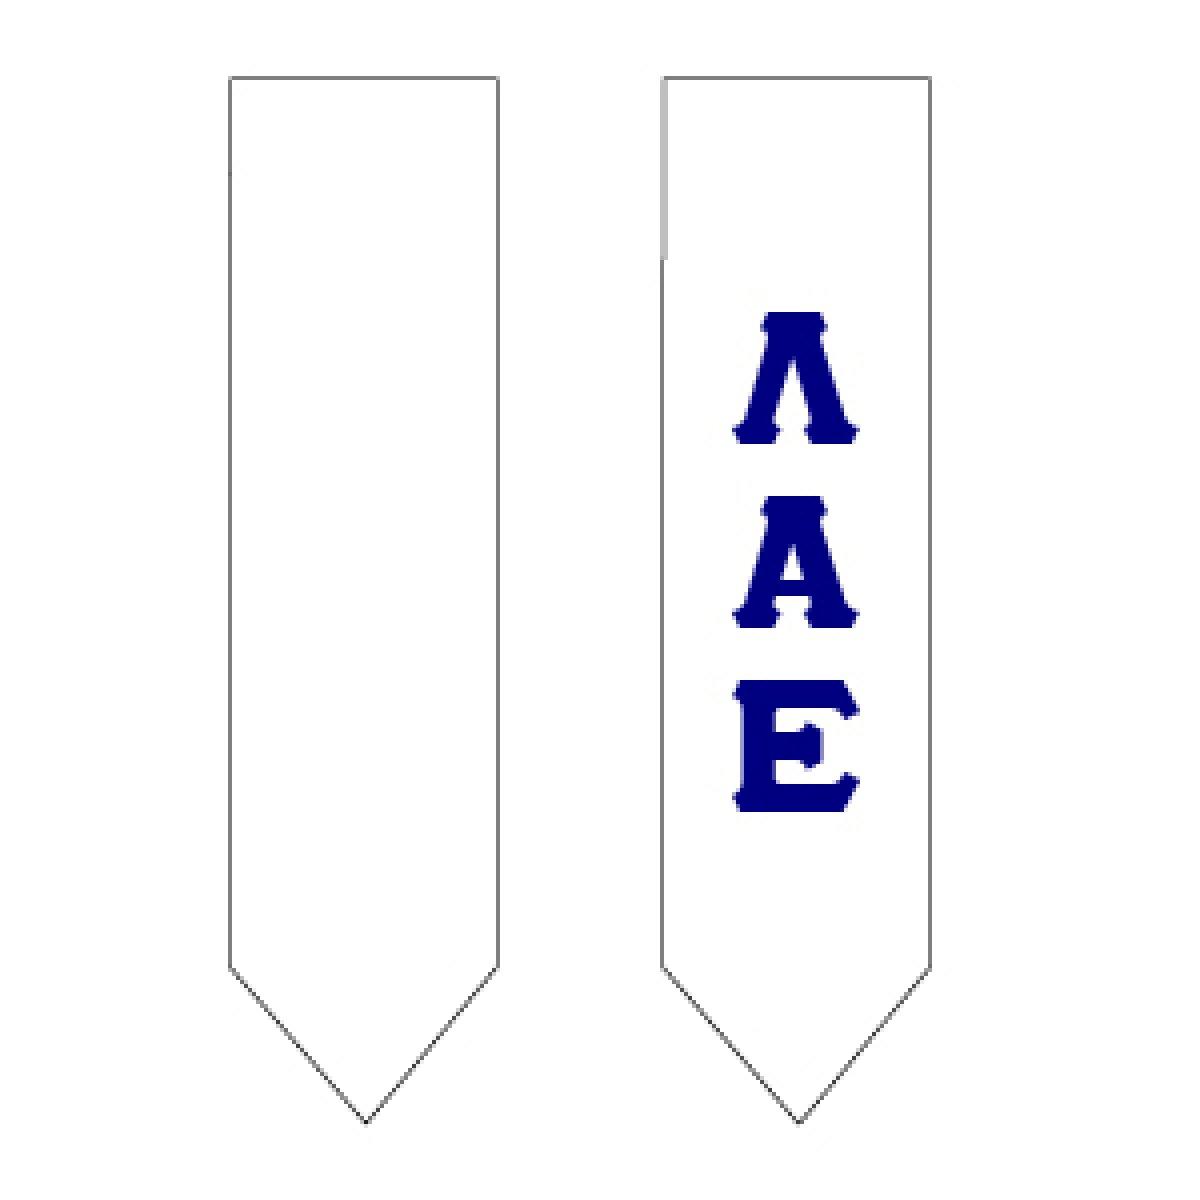 Graduation sash clipart svg black and white download Lambda Alpha Epsilon Graduation Stole svg black and white download